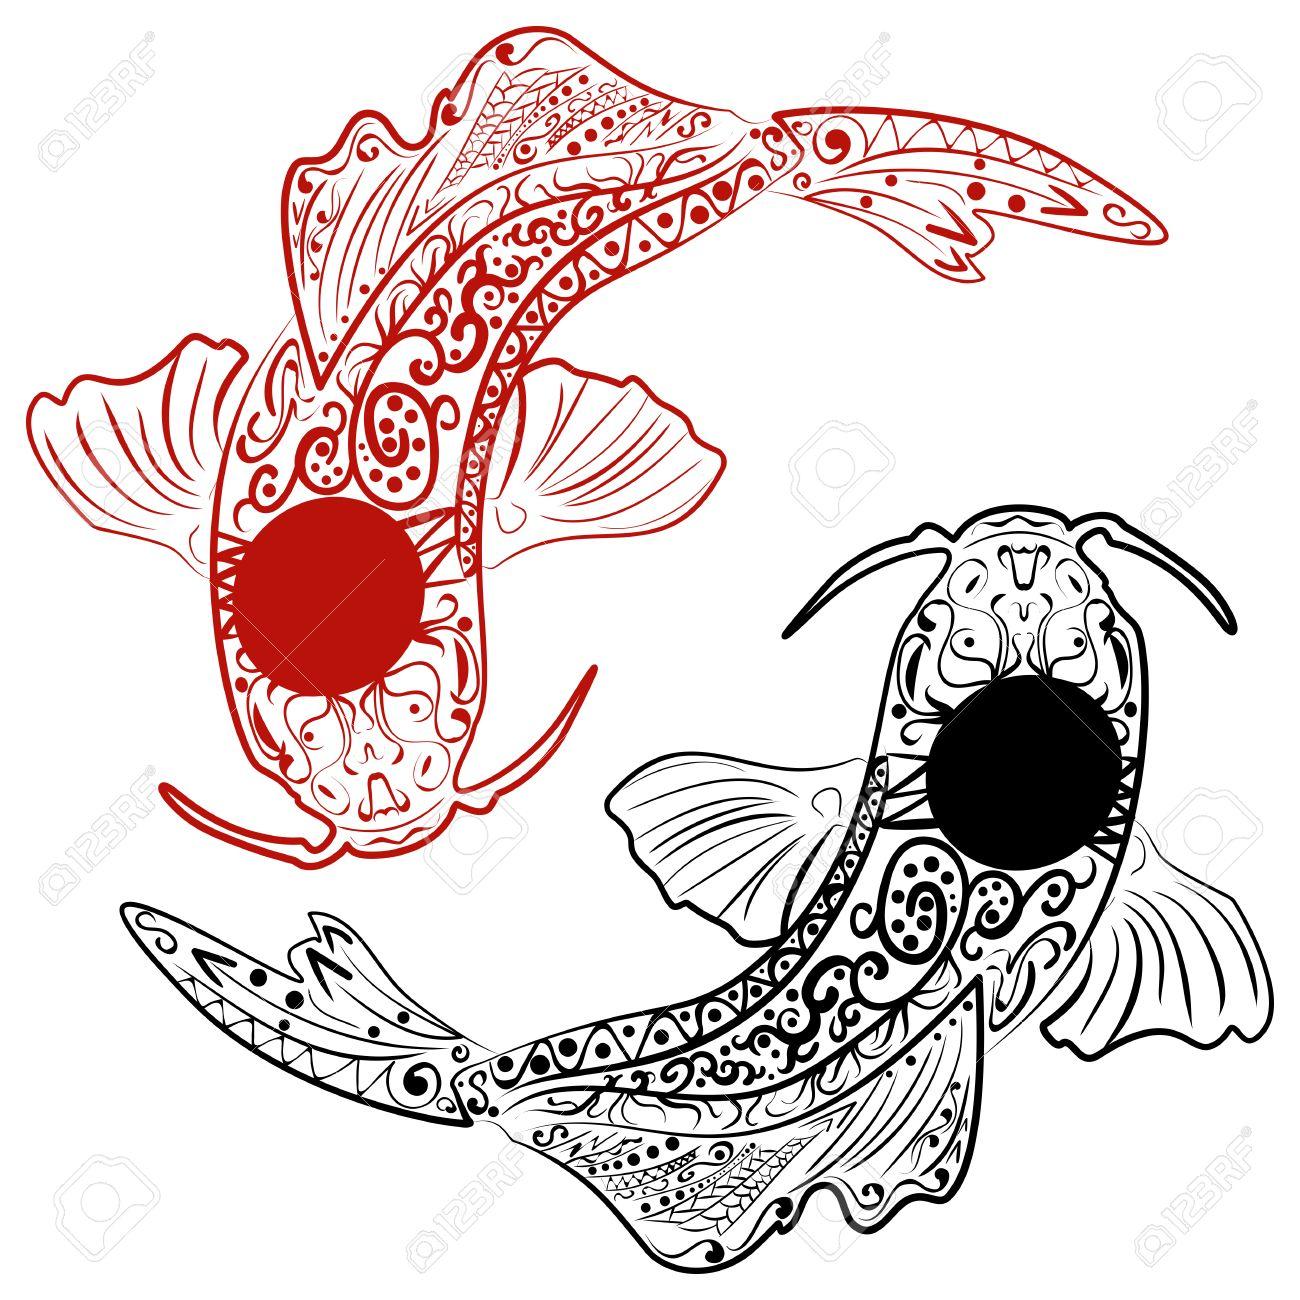 Dessin Japonais Carpe Koi zentangle stylisé poisson koi dessiné à la main. dessin de ligne de